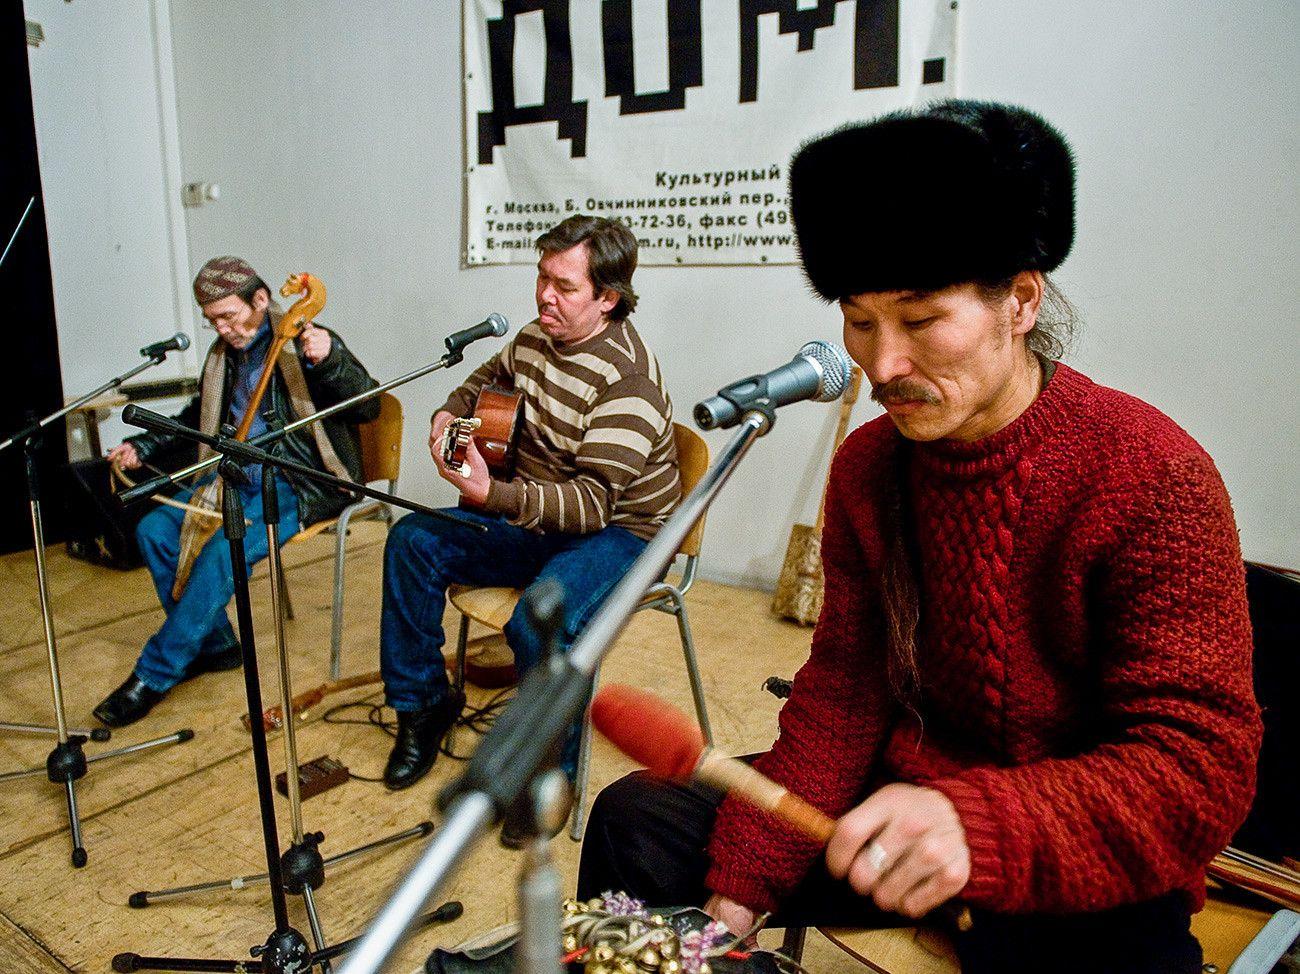 ロシアの喉歌 のどうた の超絶名人5人 動画 ロシア ビヨンド ロシア 動画 名人